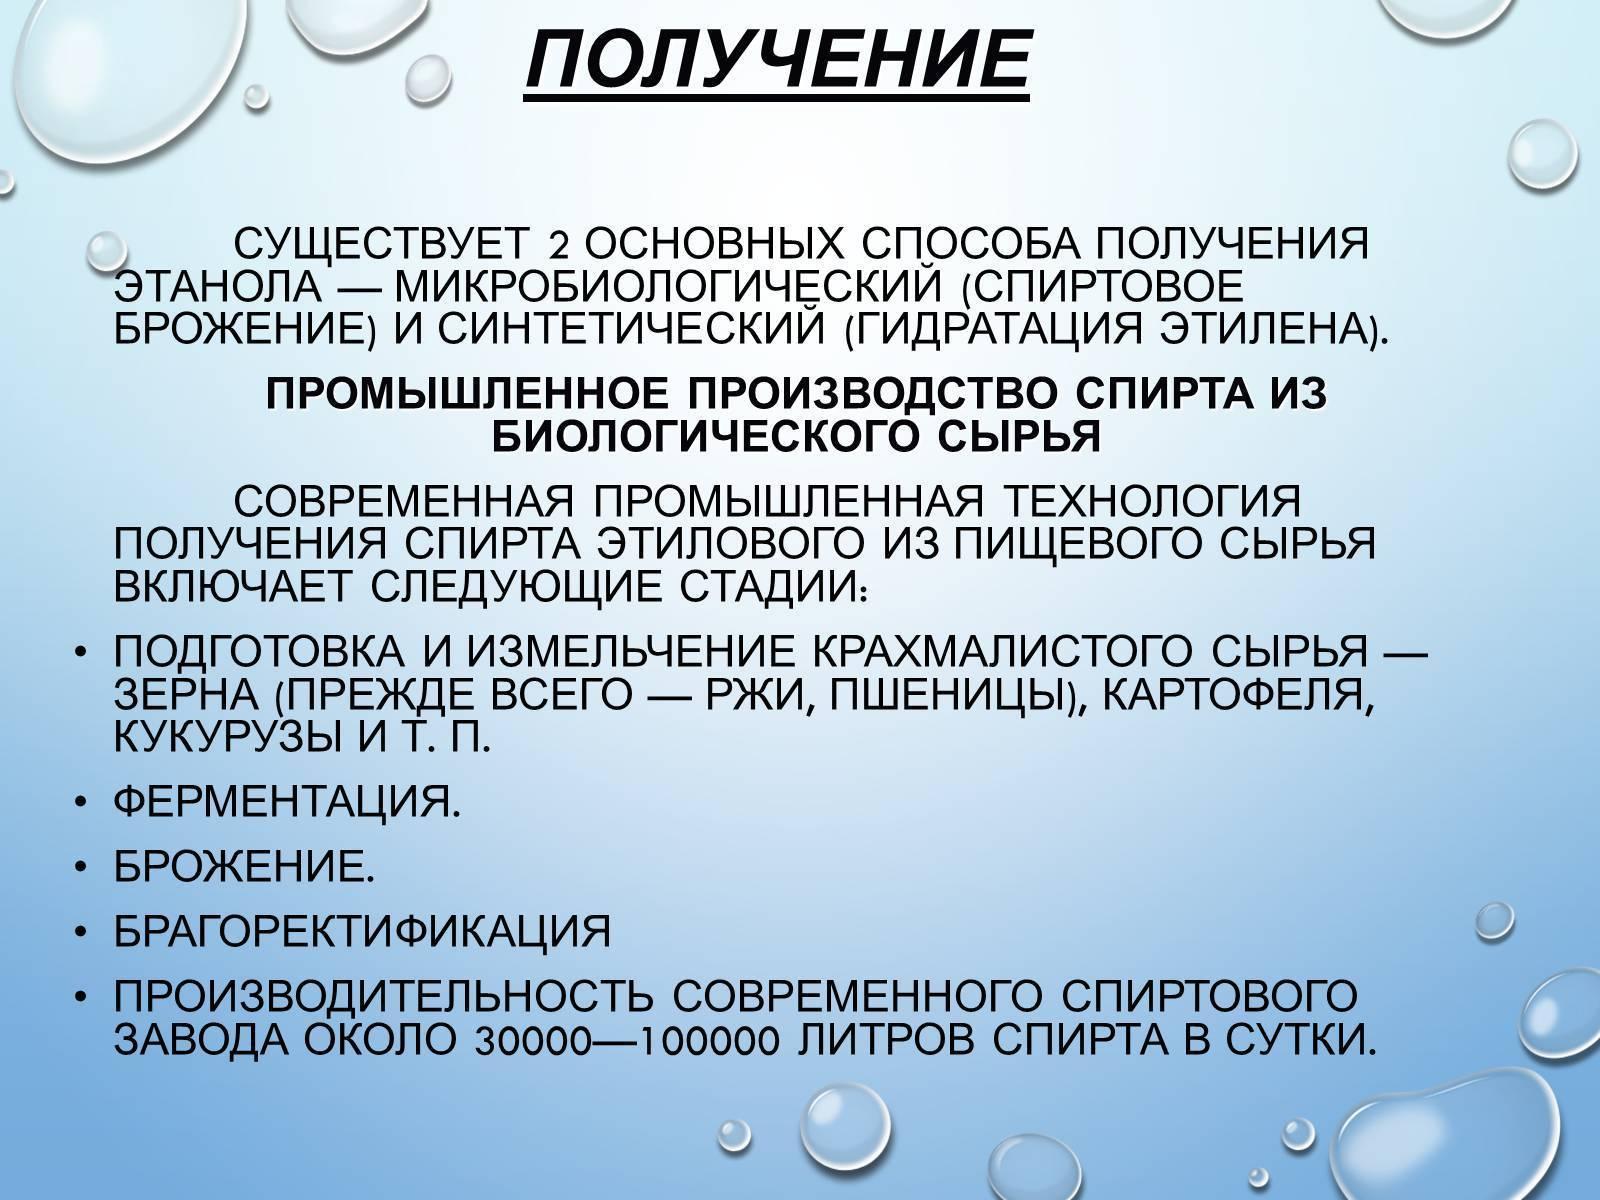 Фс.2.1.0036.15 спирт этиловый 95%, 96% | фармакопея.рф